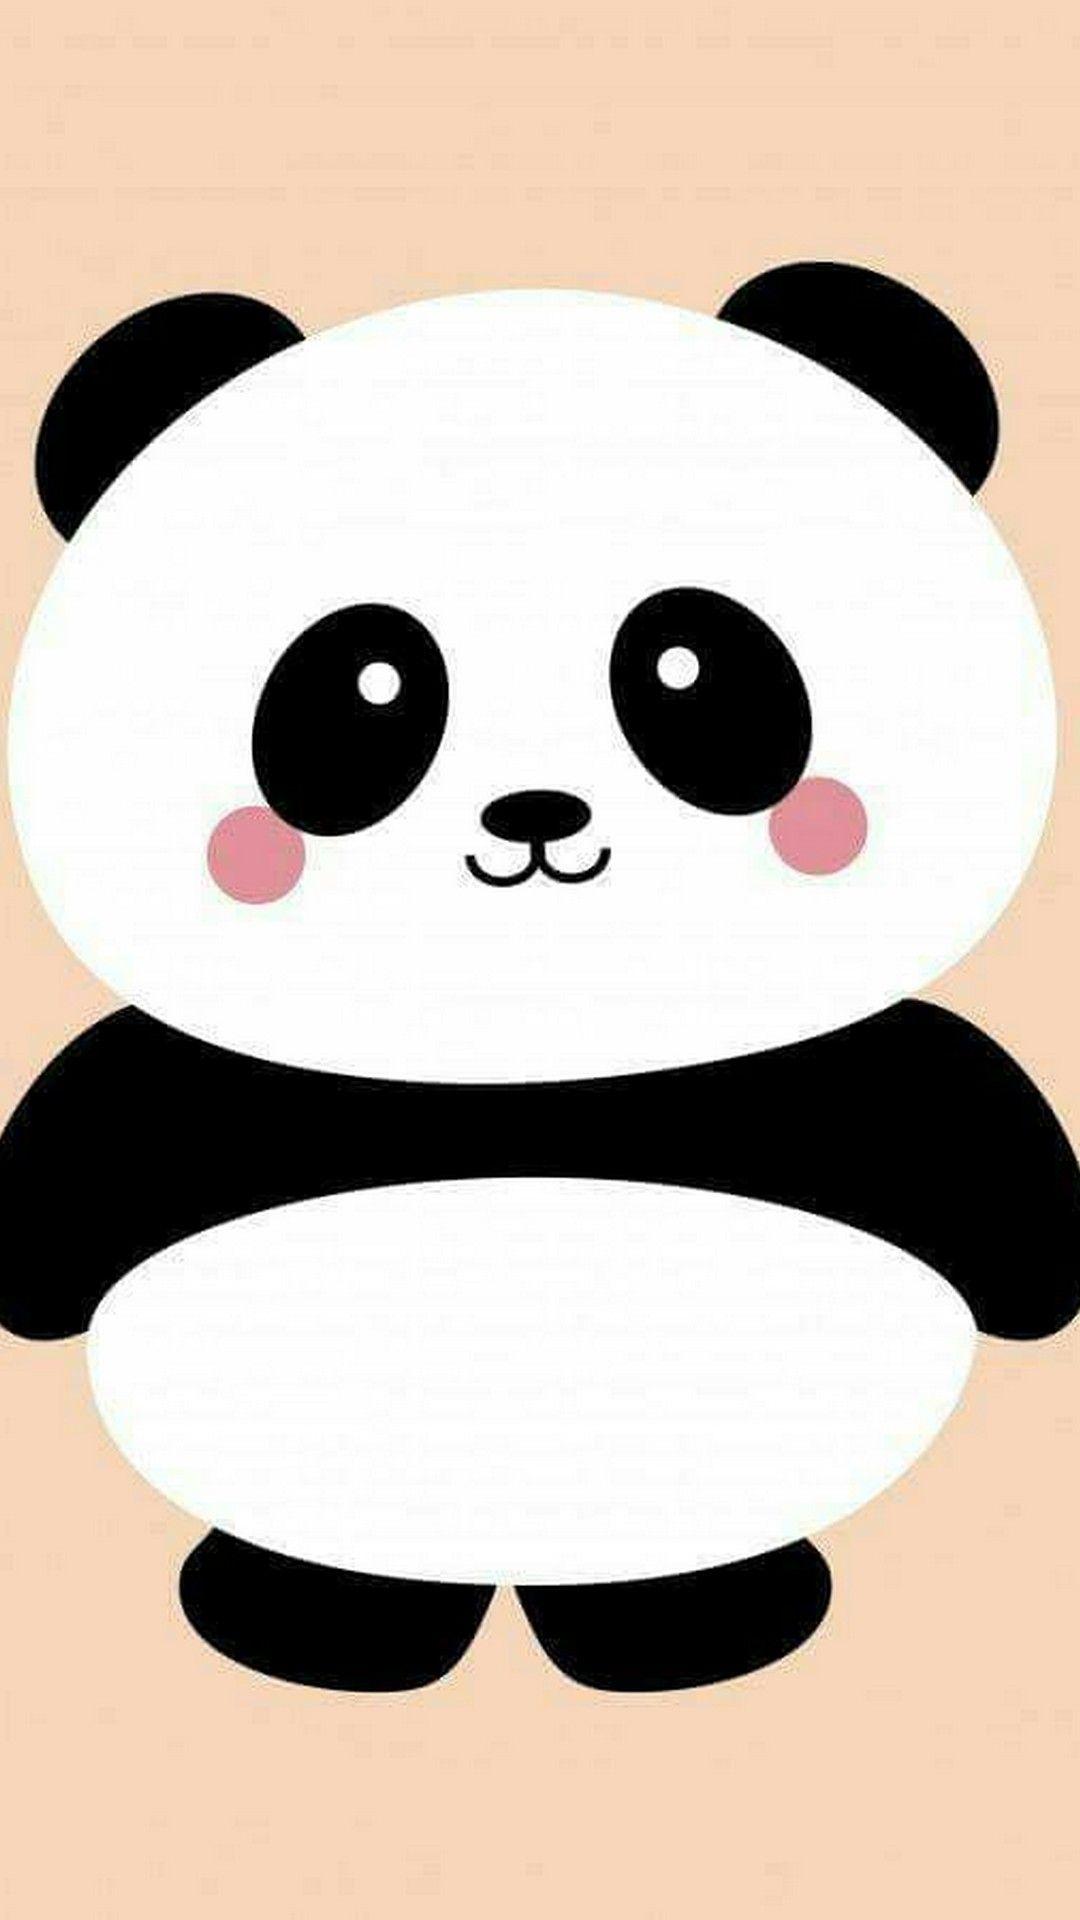 Baby Panda Iphone Wallpaper Hd Cute Panda Wallpaper Panda Wallpapers Cute Wallpapers